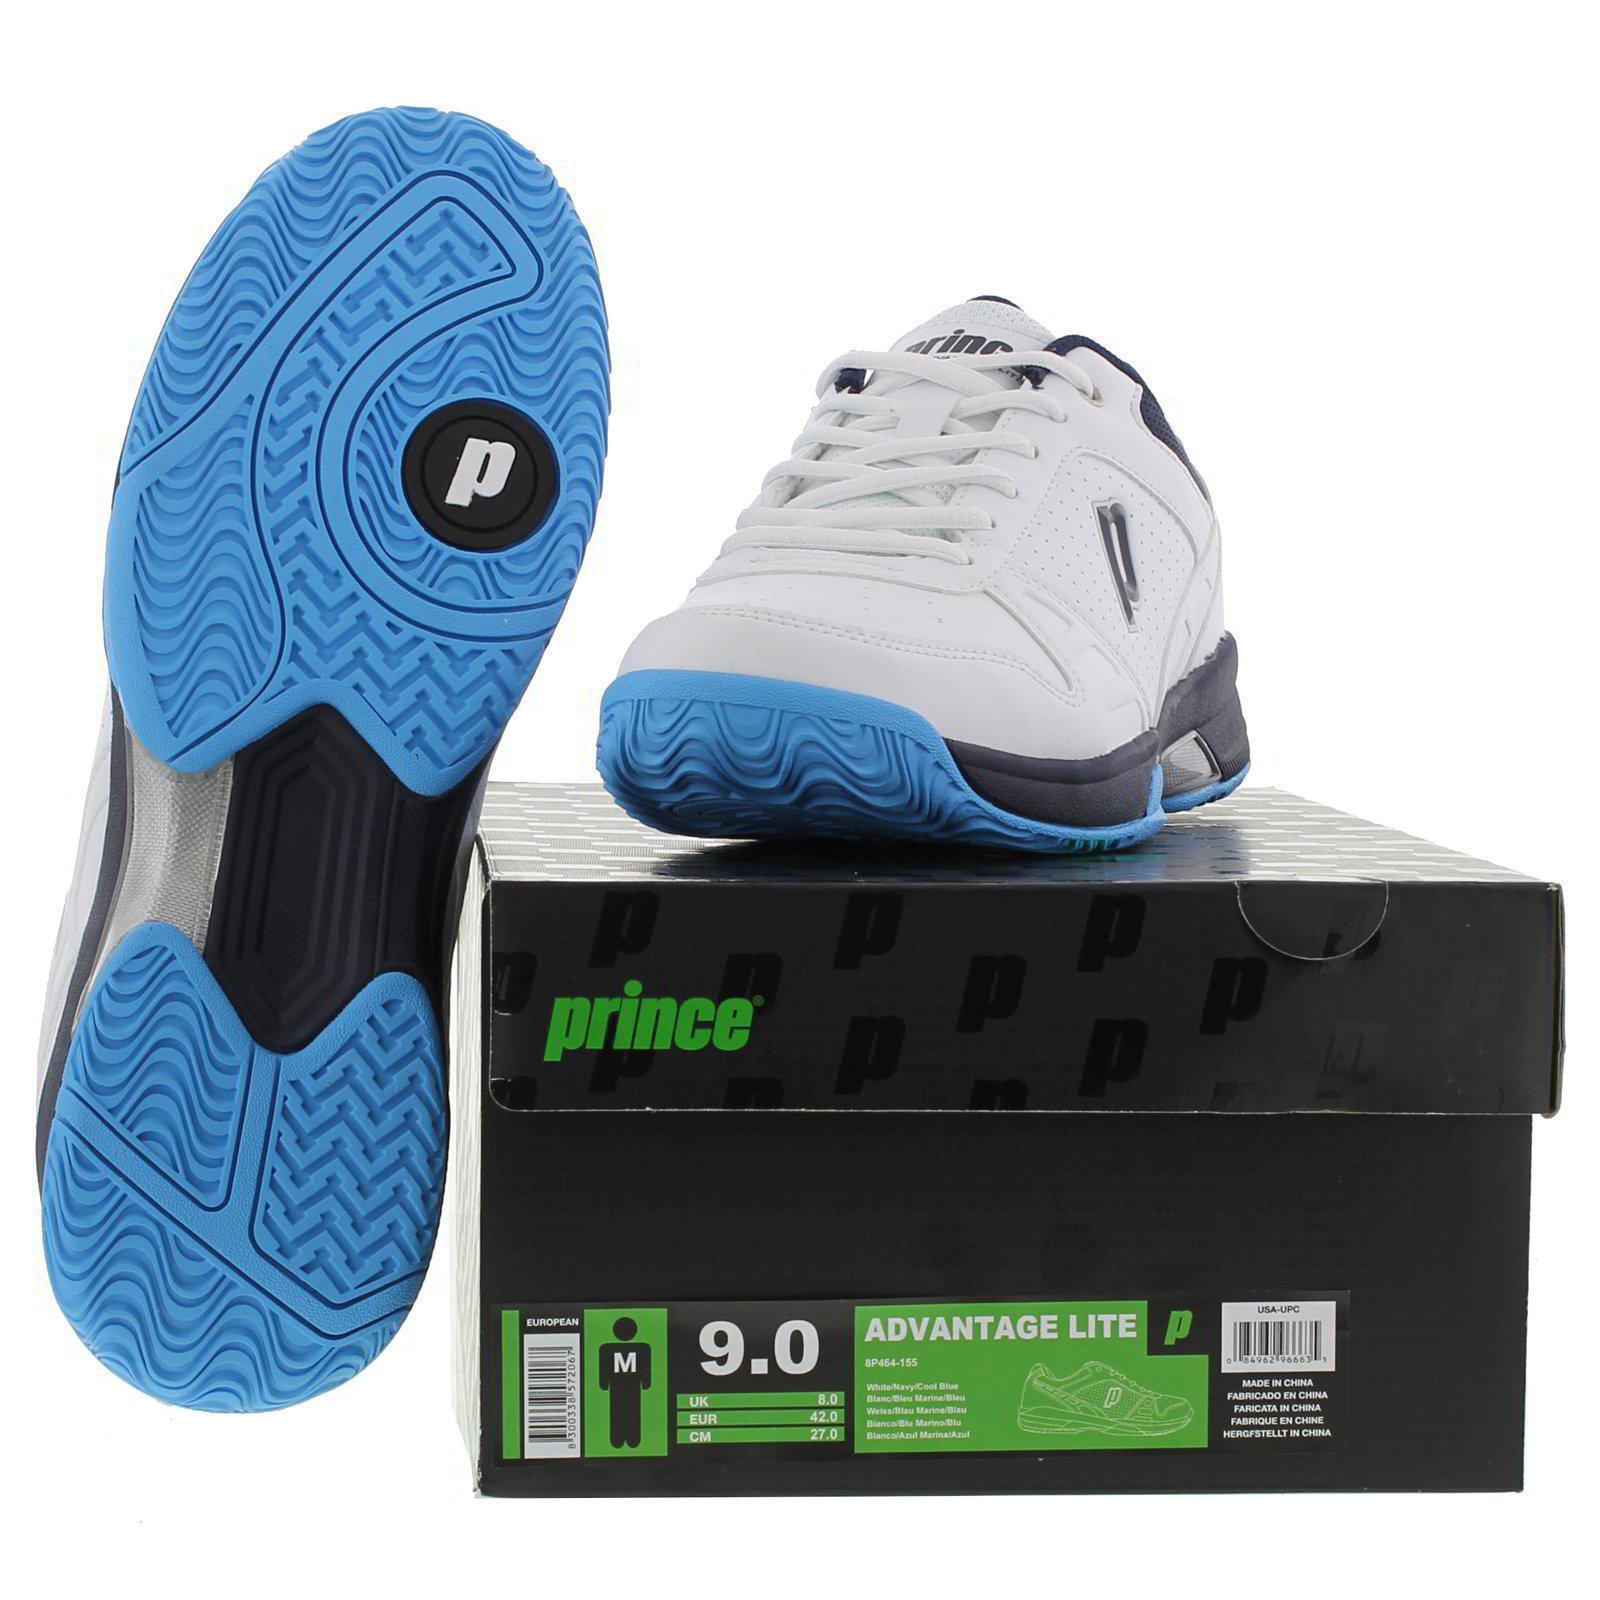 Principe vantaggio da lite Uomo bianco tutte corte scarpe da vantaggio tennis formatori dimensioni 24c2c7